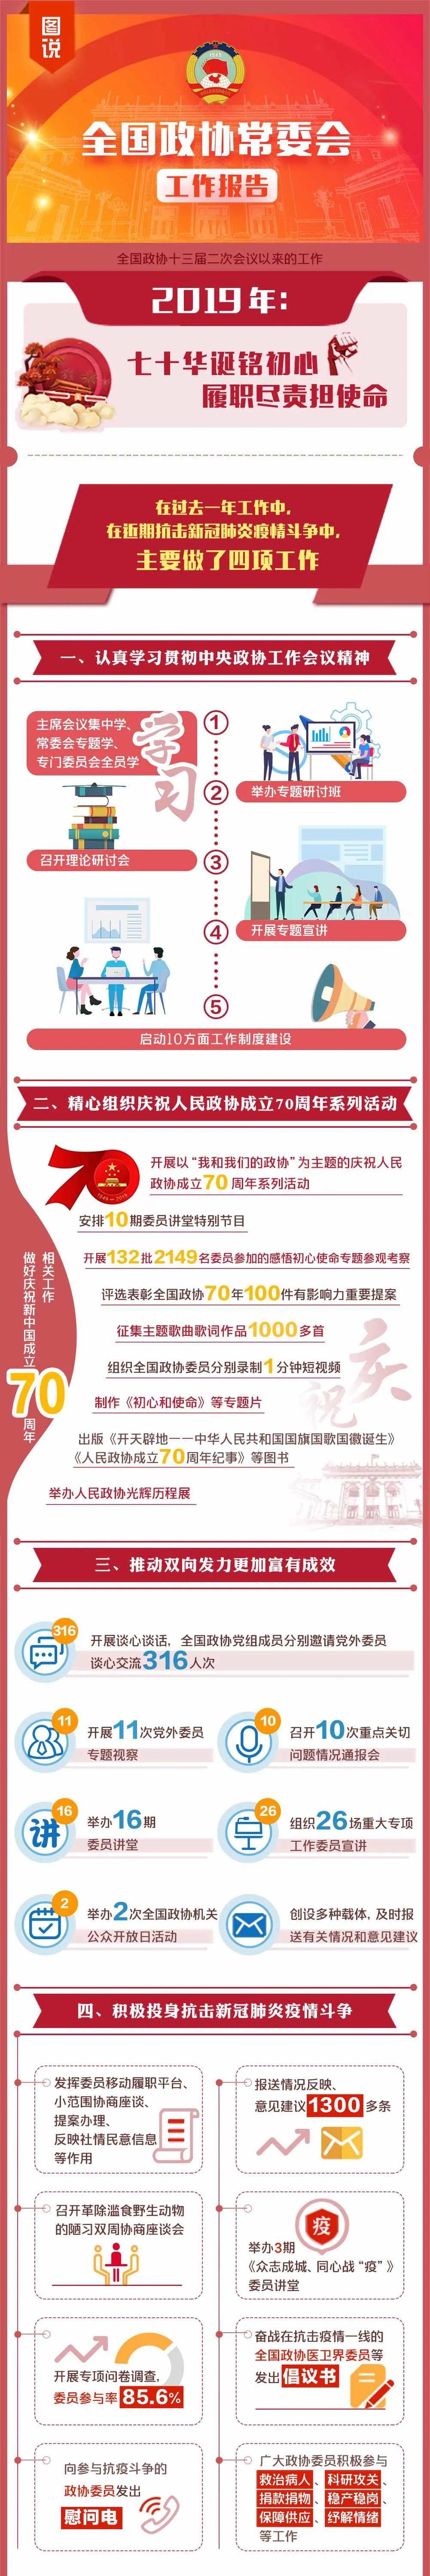 「杏悦娱乐」读杏悦娱乐懂全国政协常委会图片